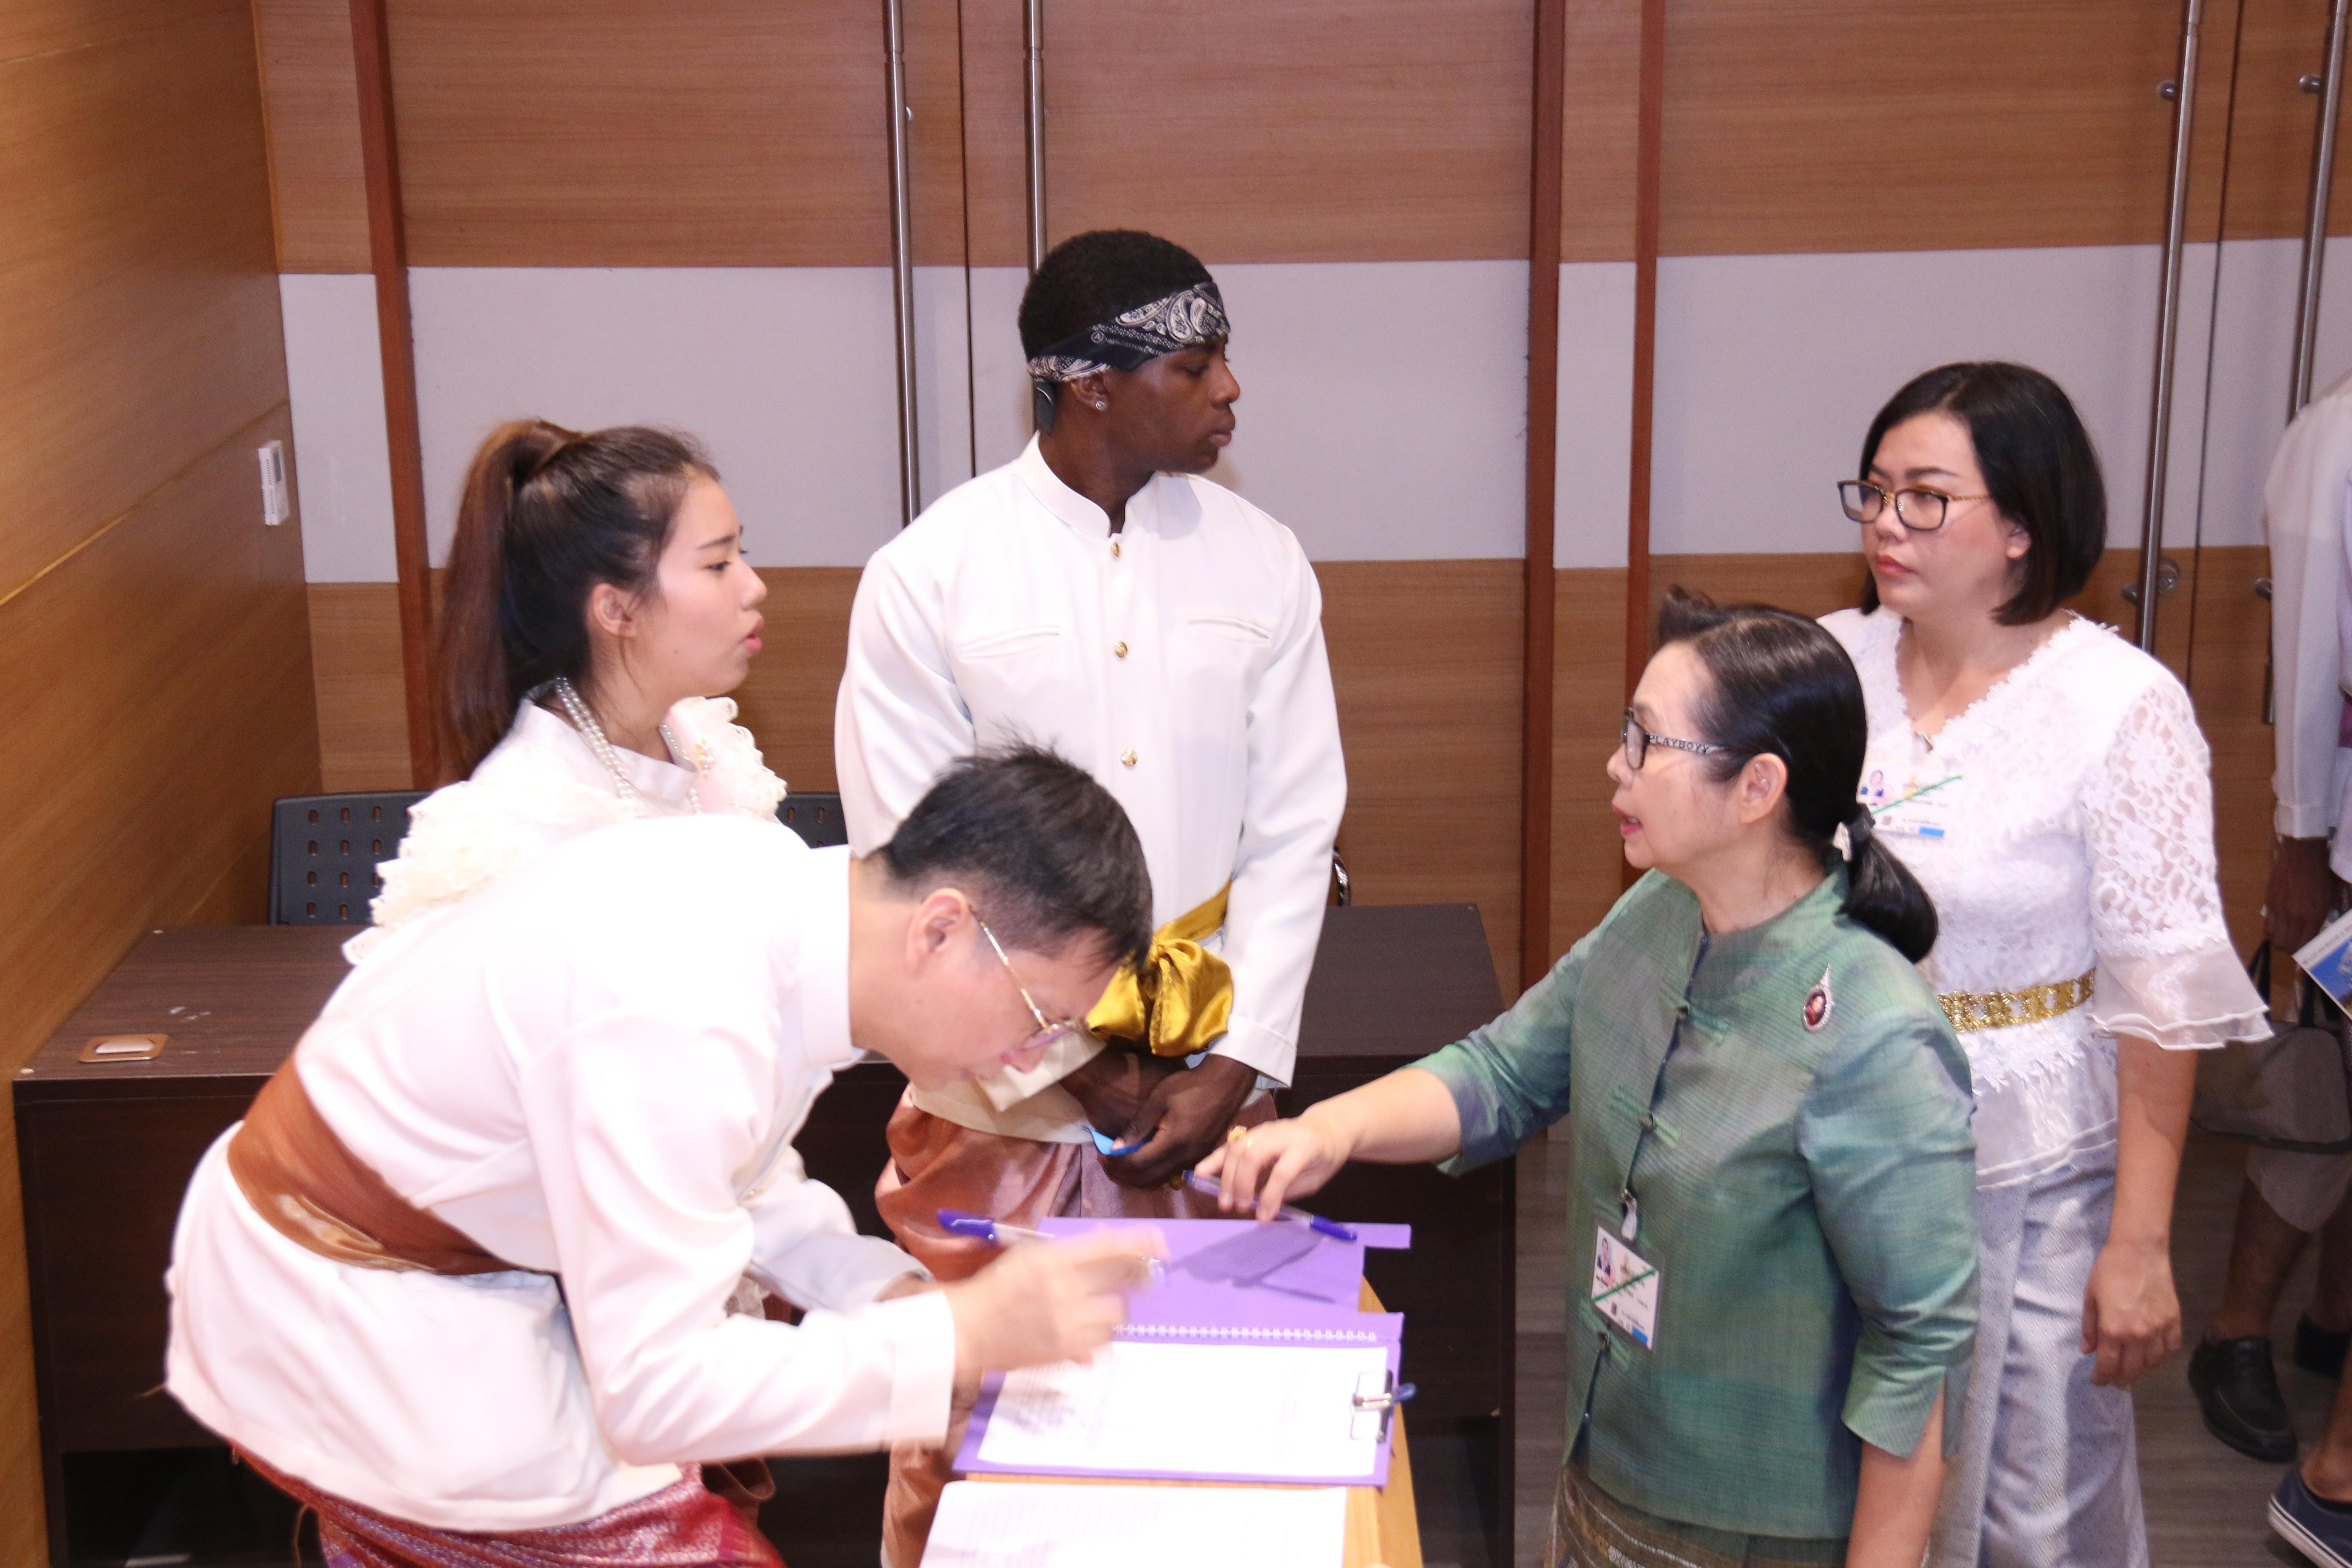 กิจกรรมเครือข่ายสัมพันธ์และส่งเสริมศิลปะวัฒนธรรม นักศึกษาไทย-มาเลเซีย